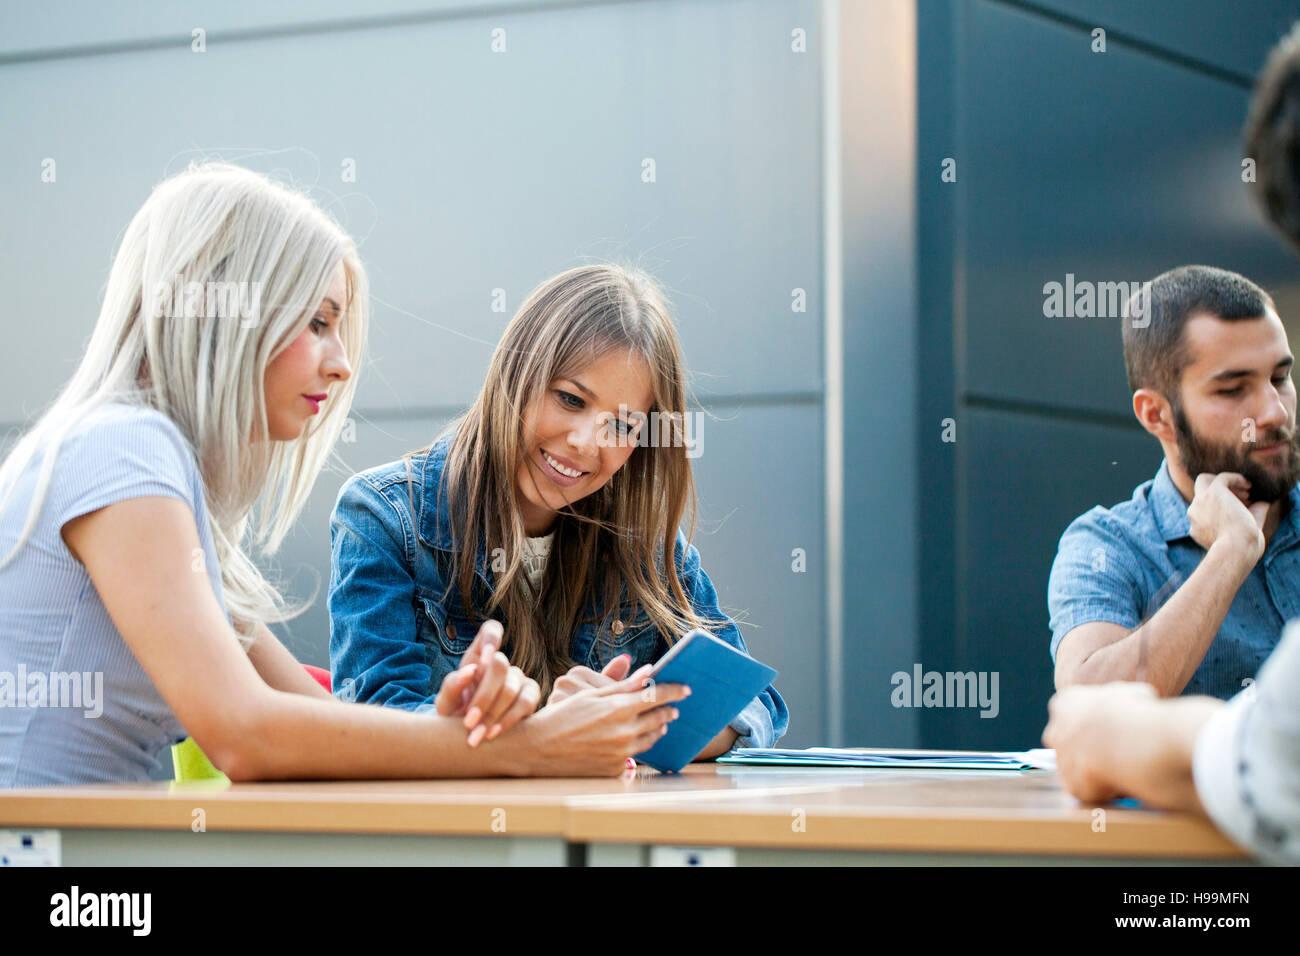 Unternehmerinnen mit digital-Tablette in Werkstatt Stockfoto